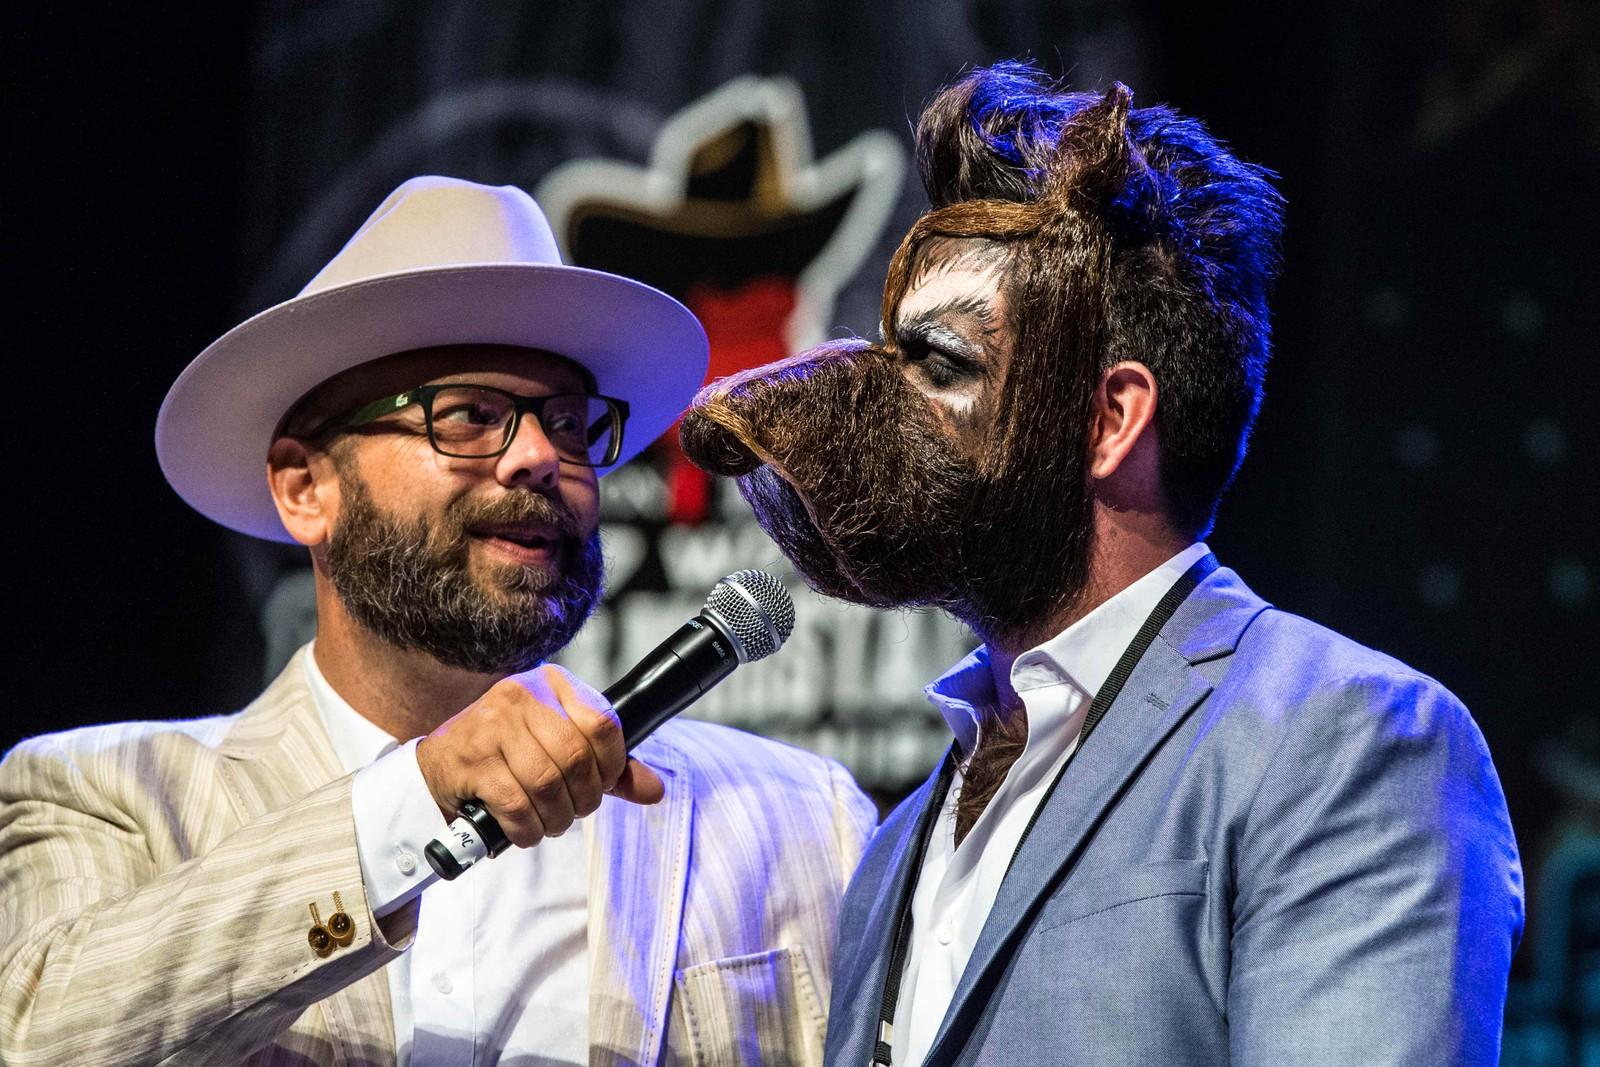 """Isaiah Webb fikk """"bare"""" andreplass for dette skjegget under """"Remington Beard Boss World Beard & Moustache Championships"""" i Austin i Texas."""